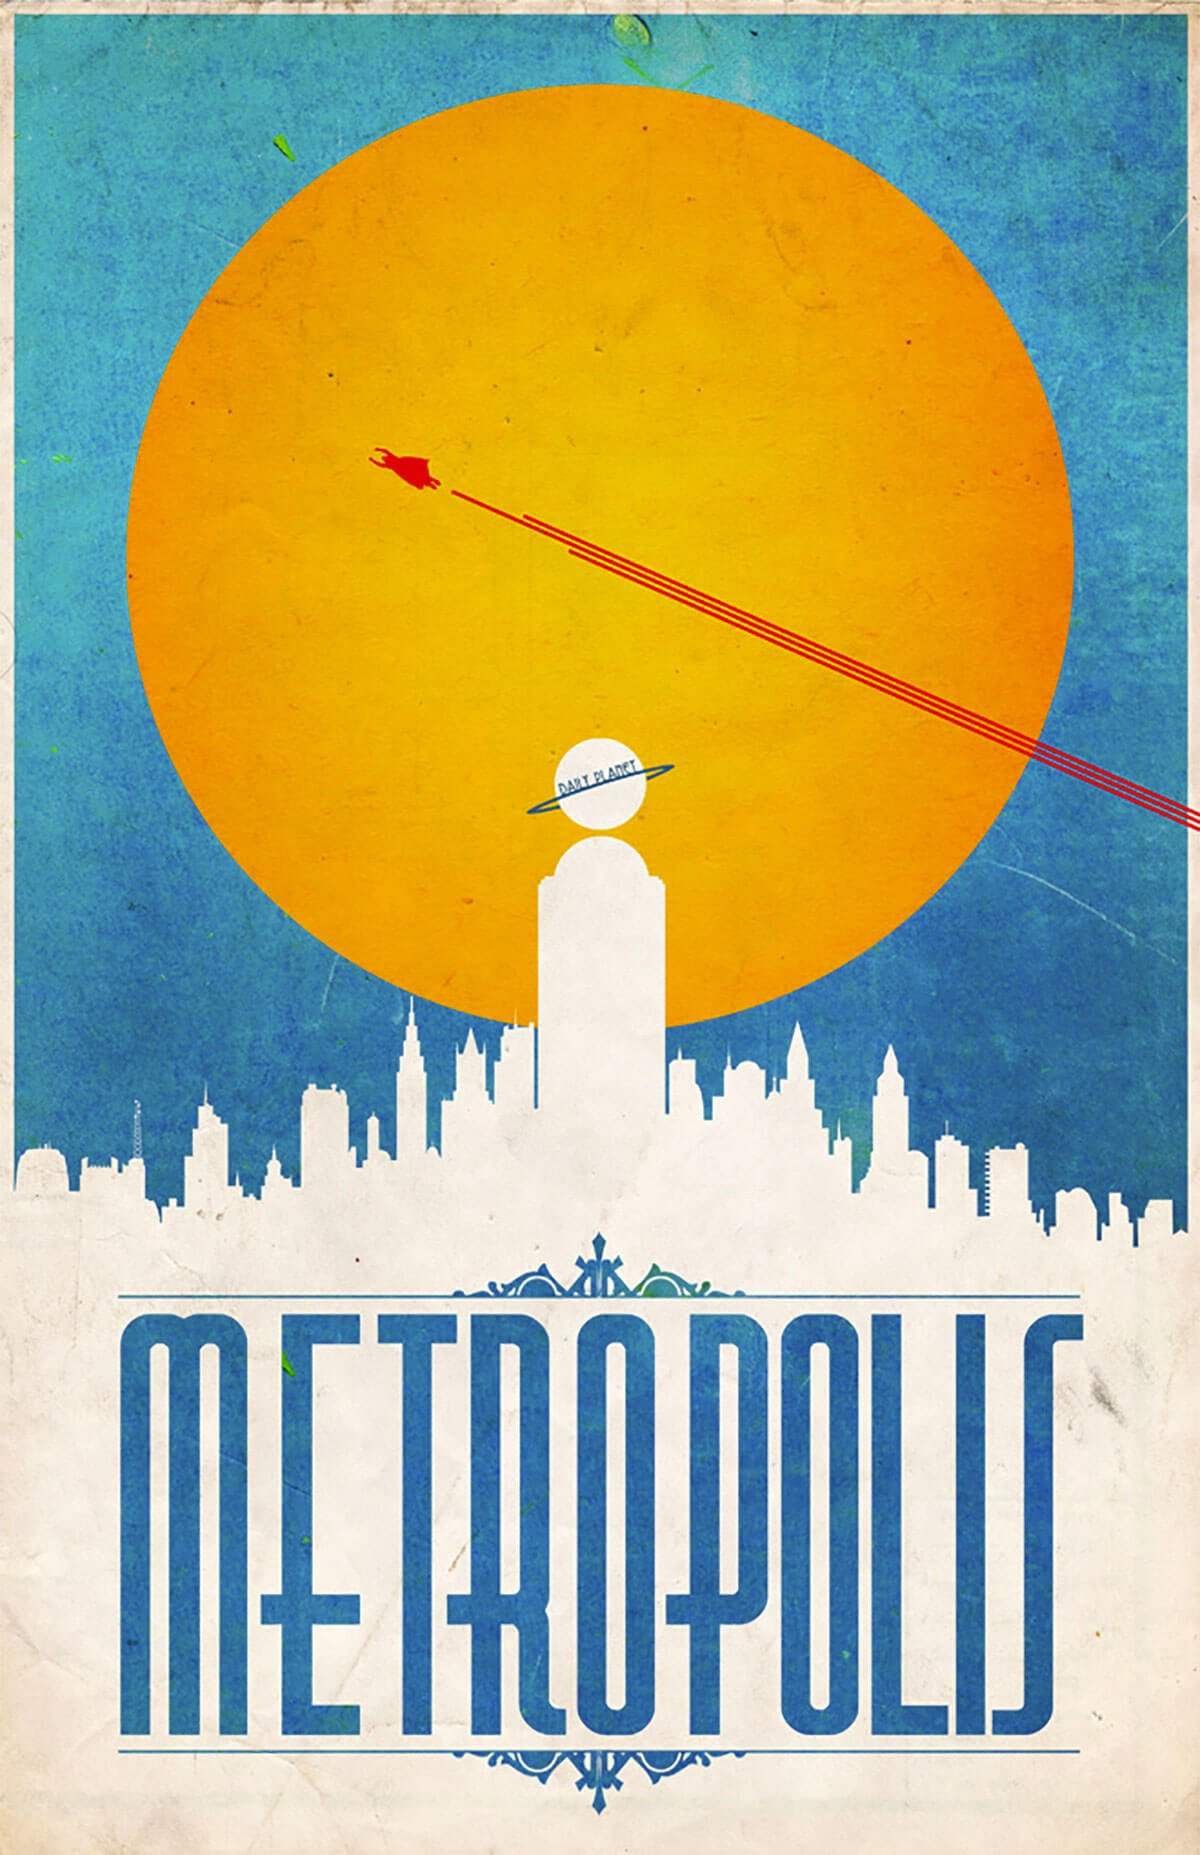 Metropolis by Mingee Lee